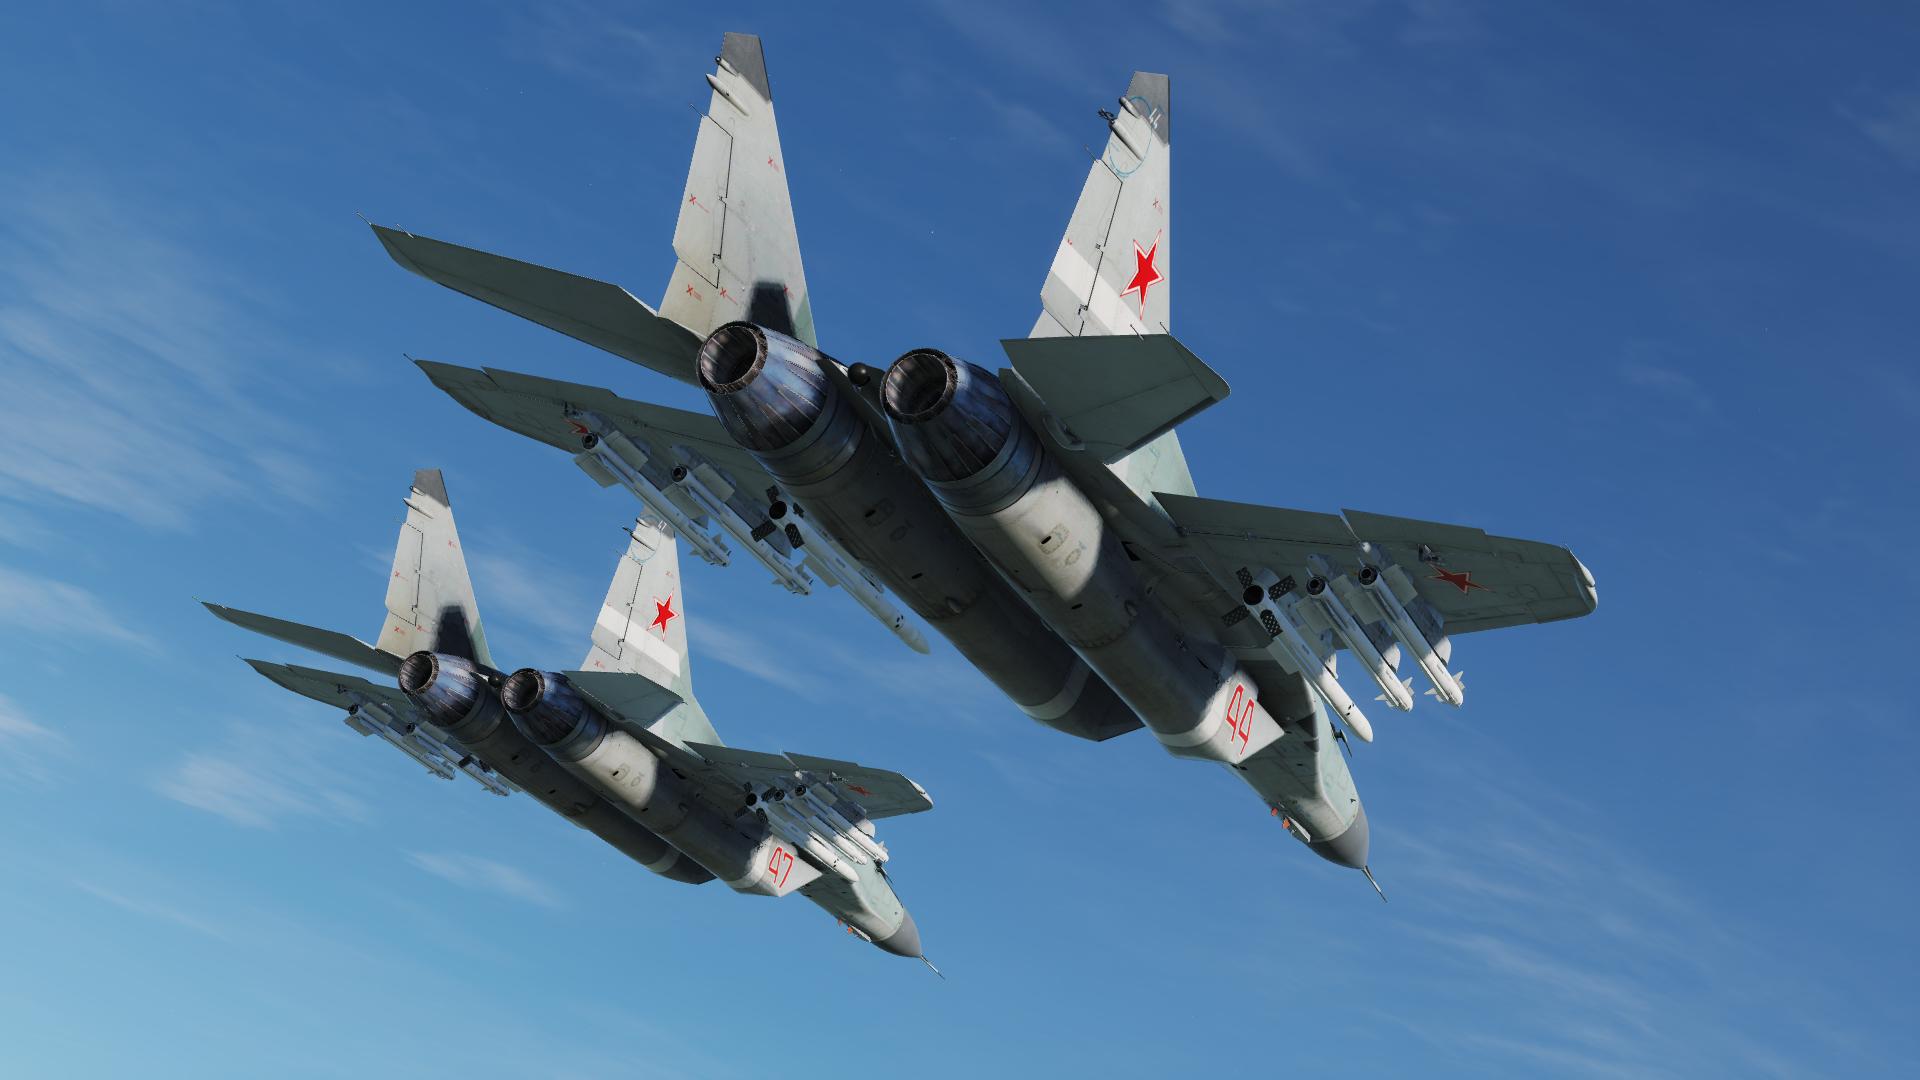 Обои Миг-29а, многоцелевой, истребитель, fulcrum. Авиация